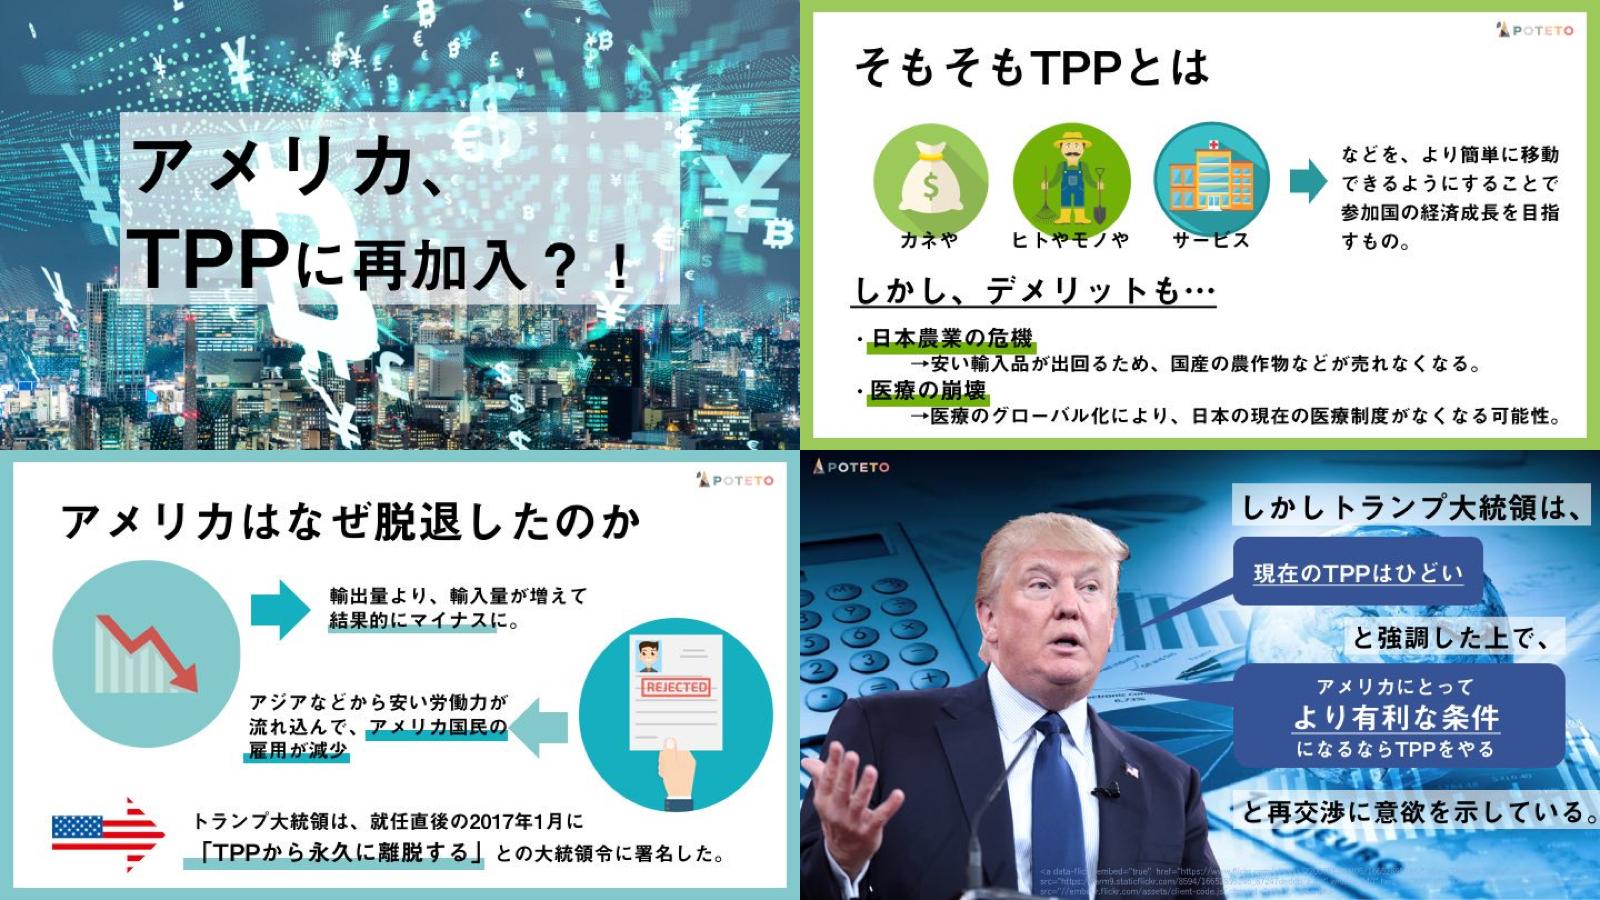 7fb8f1c748d490339c64aa37f2515920 3 - アメリカ、TPPに再加入?